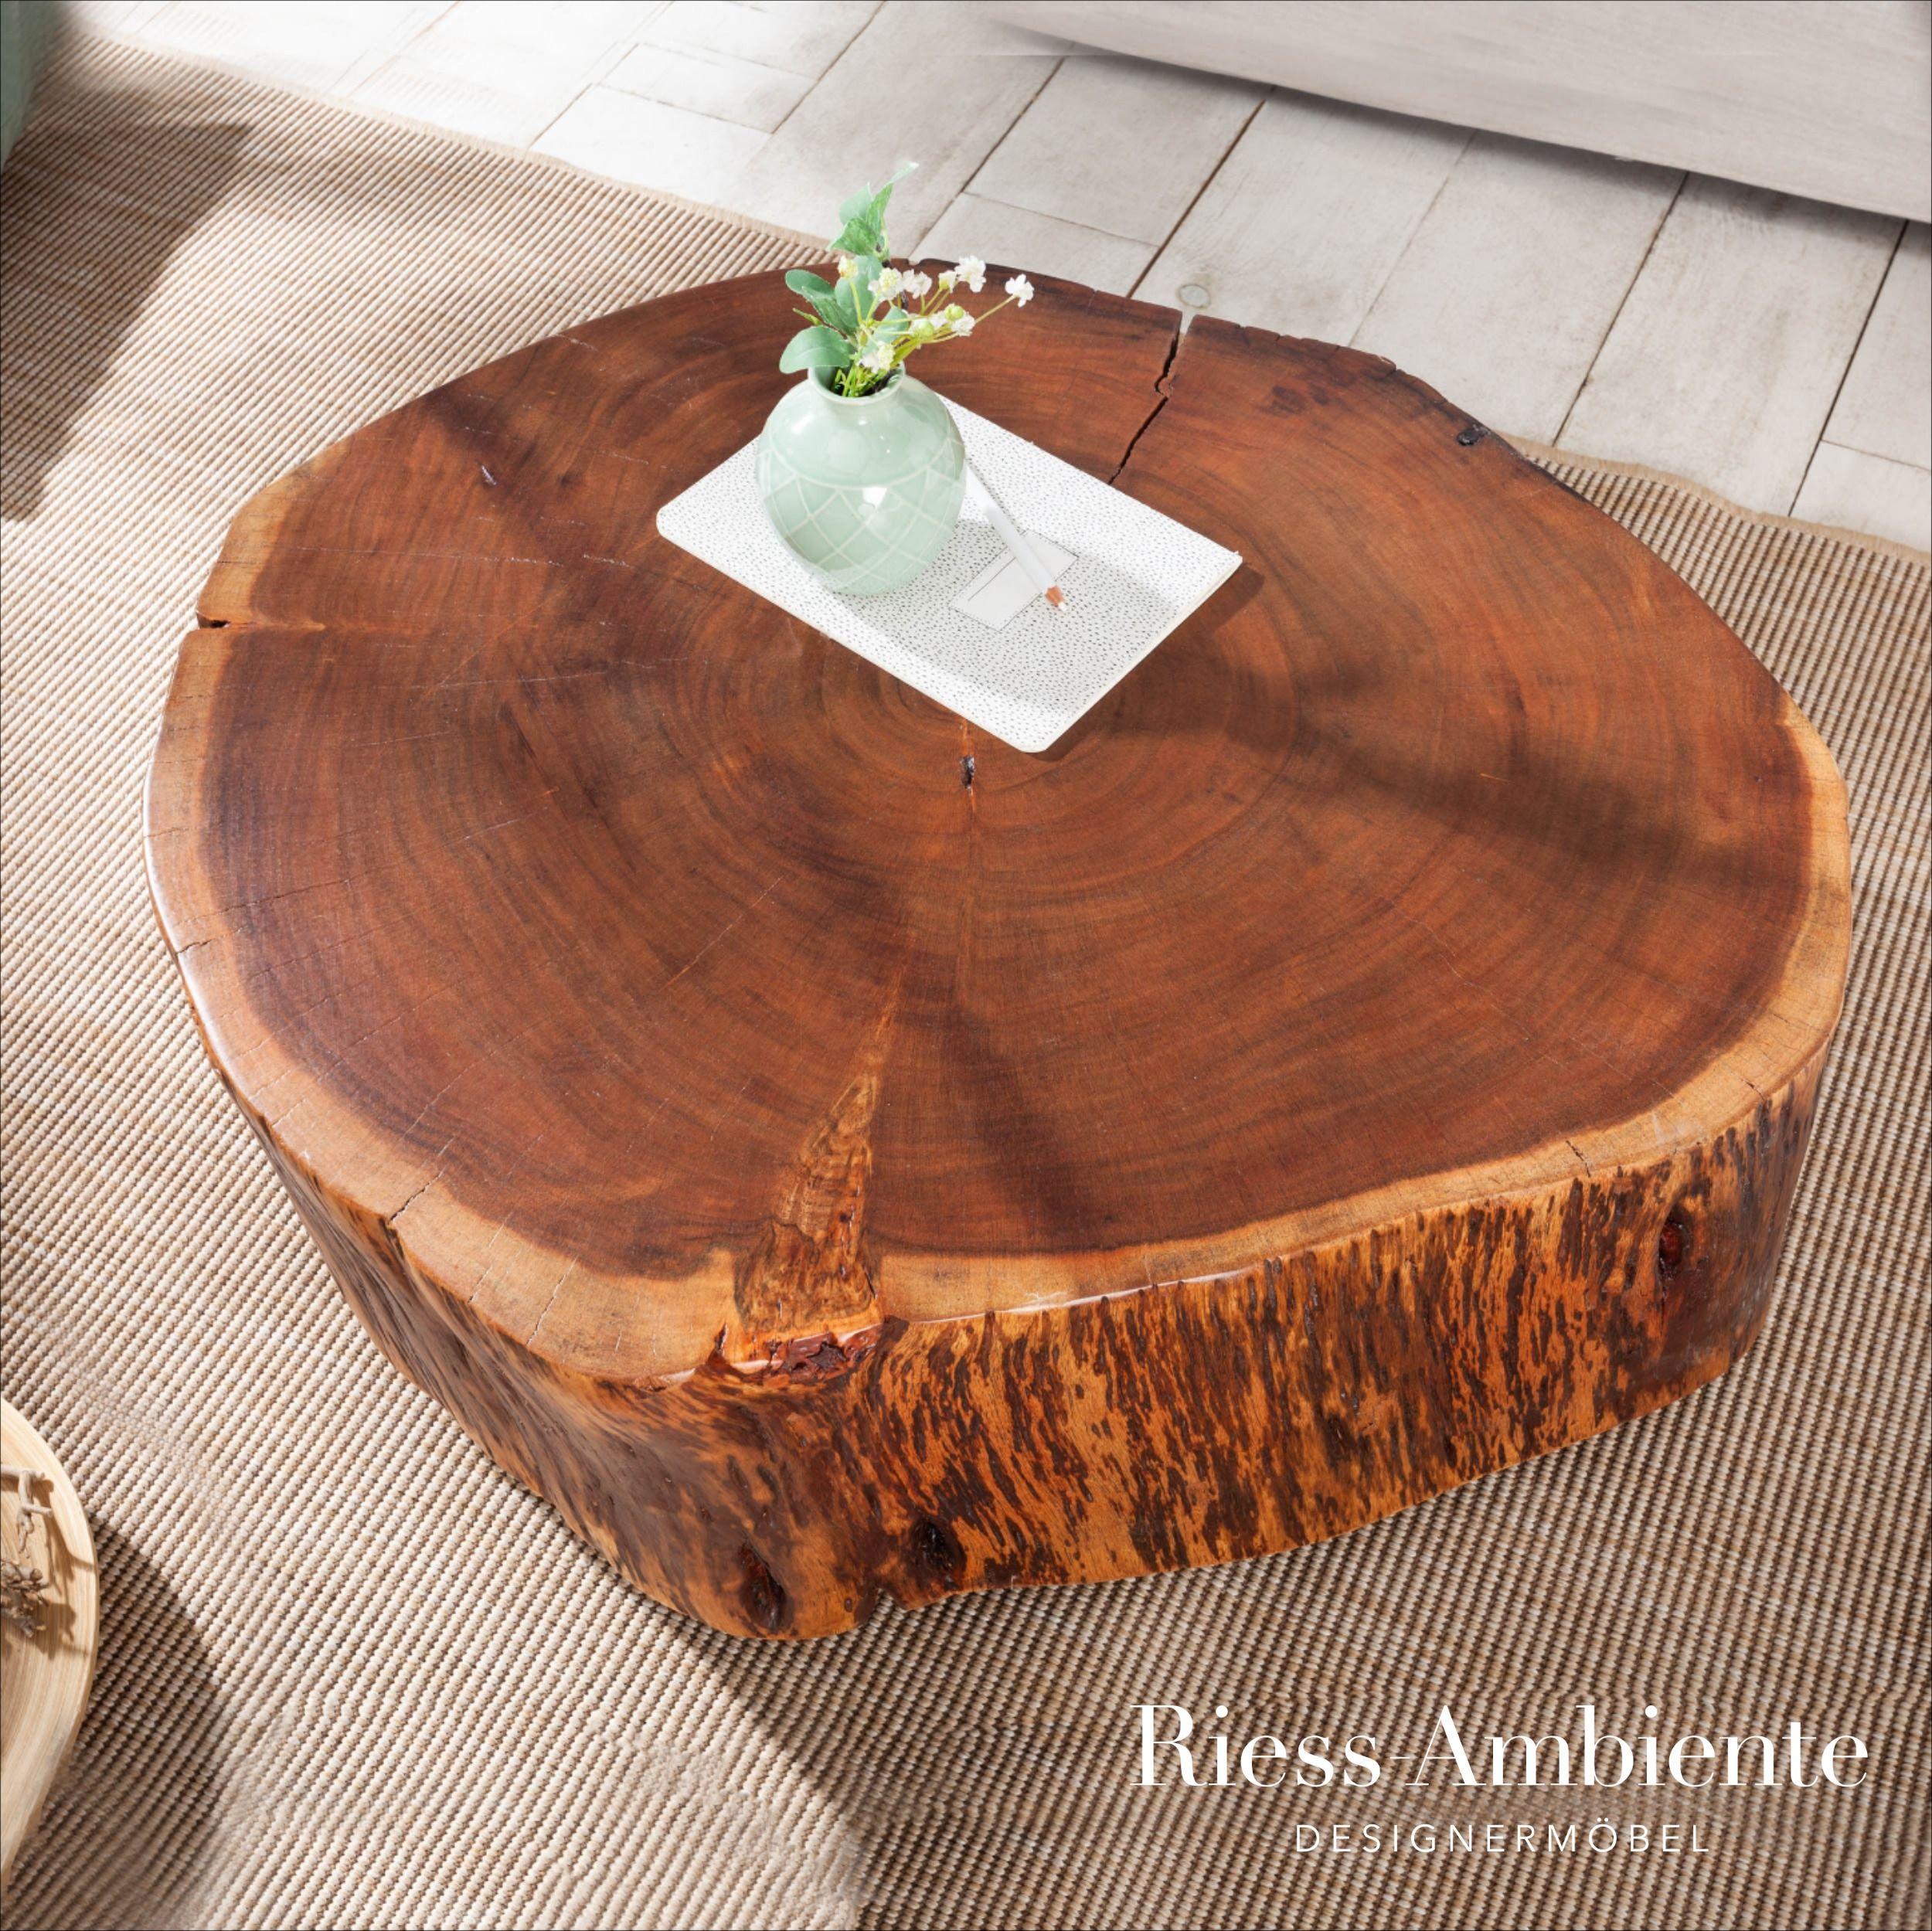 Massiver Couchtisch Goa 70cm Natur Akazie Baumstamm Mit Rollen Unikat Riess Ambiente De Couchtisch Baumstamm Wohnzimmertische